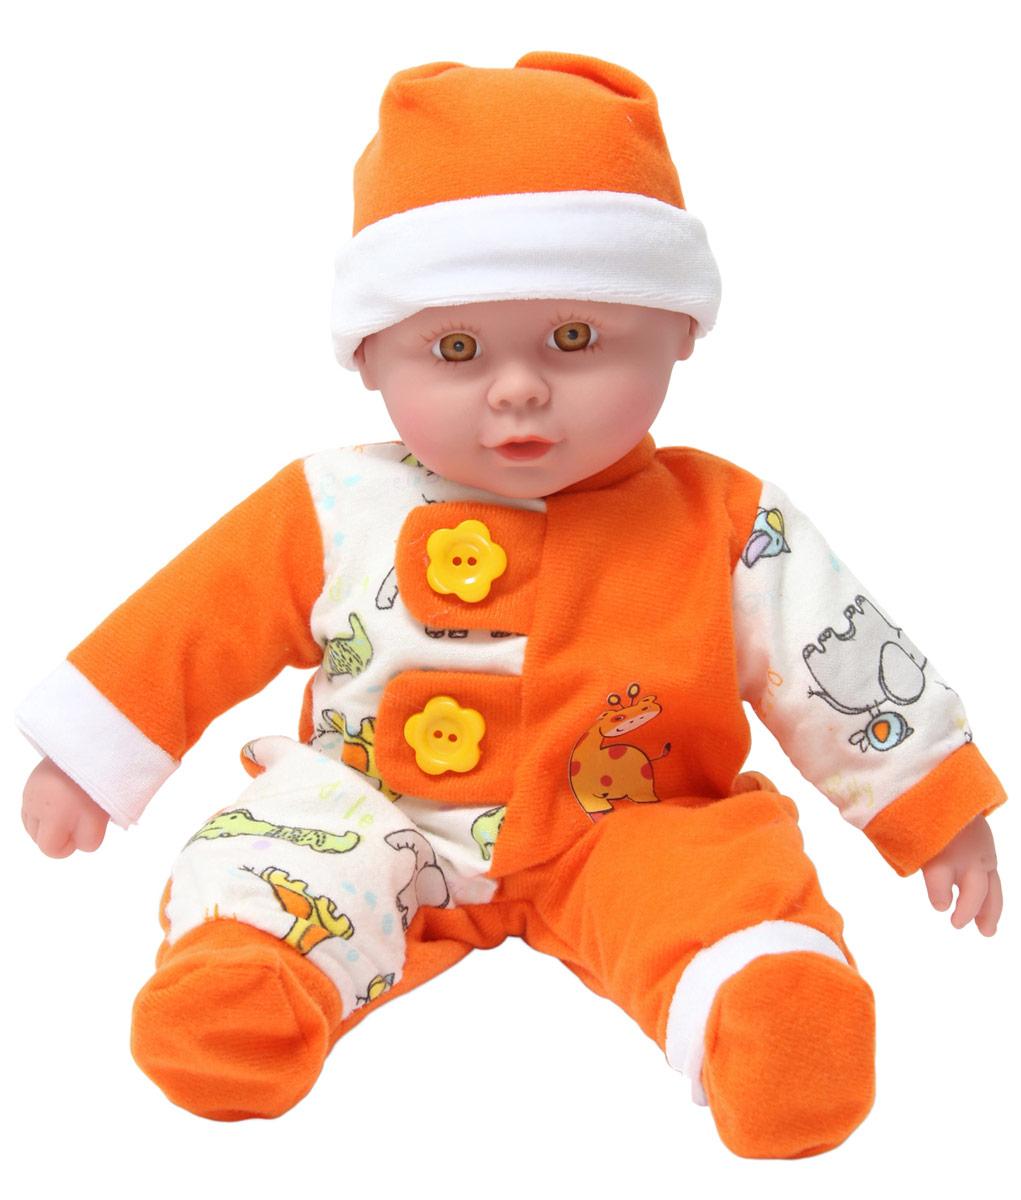 Lisa Jane Пупс озвученный в оранжевом наряде 4034740347